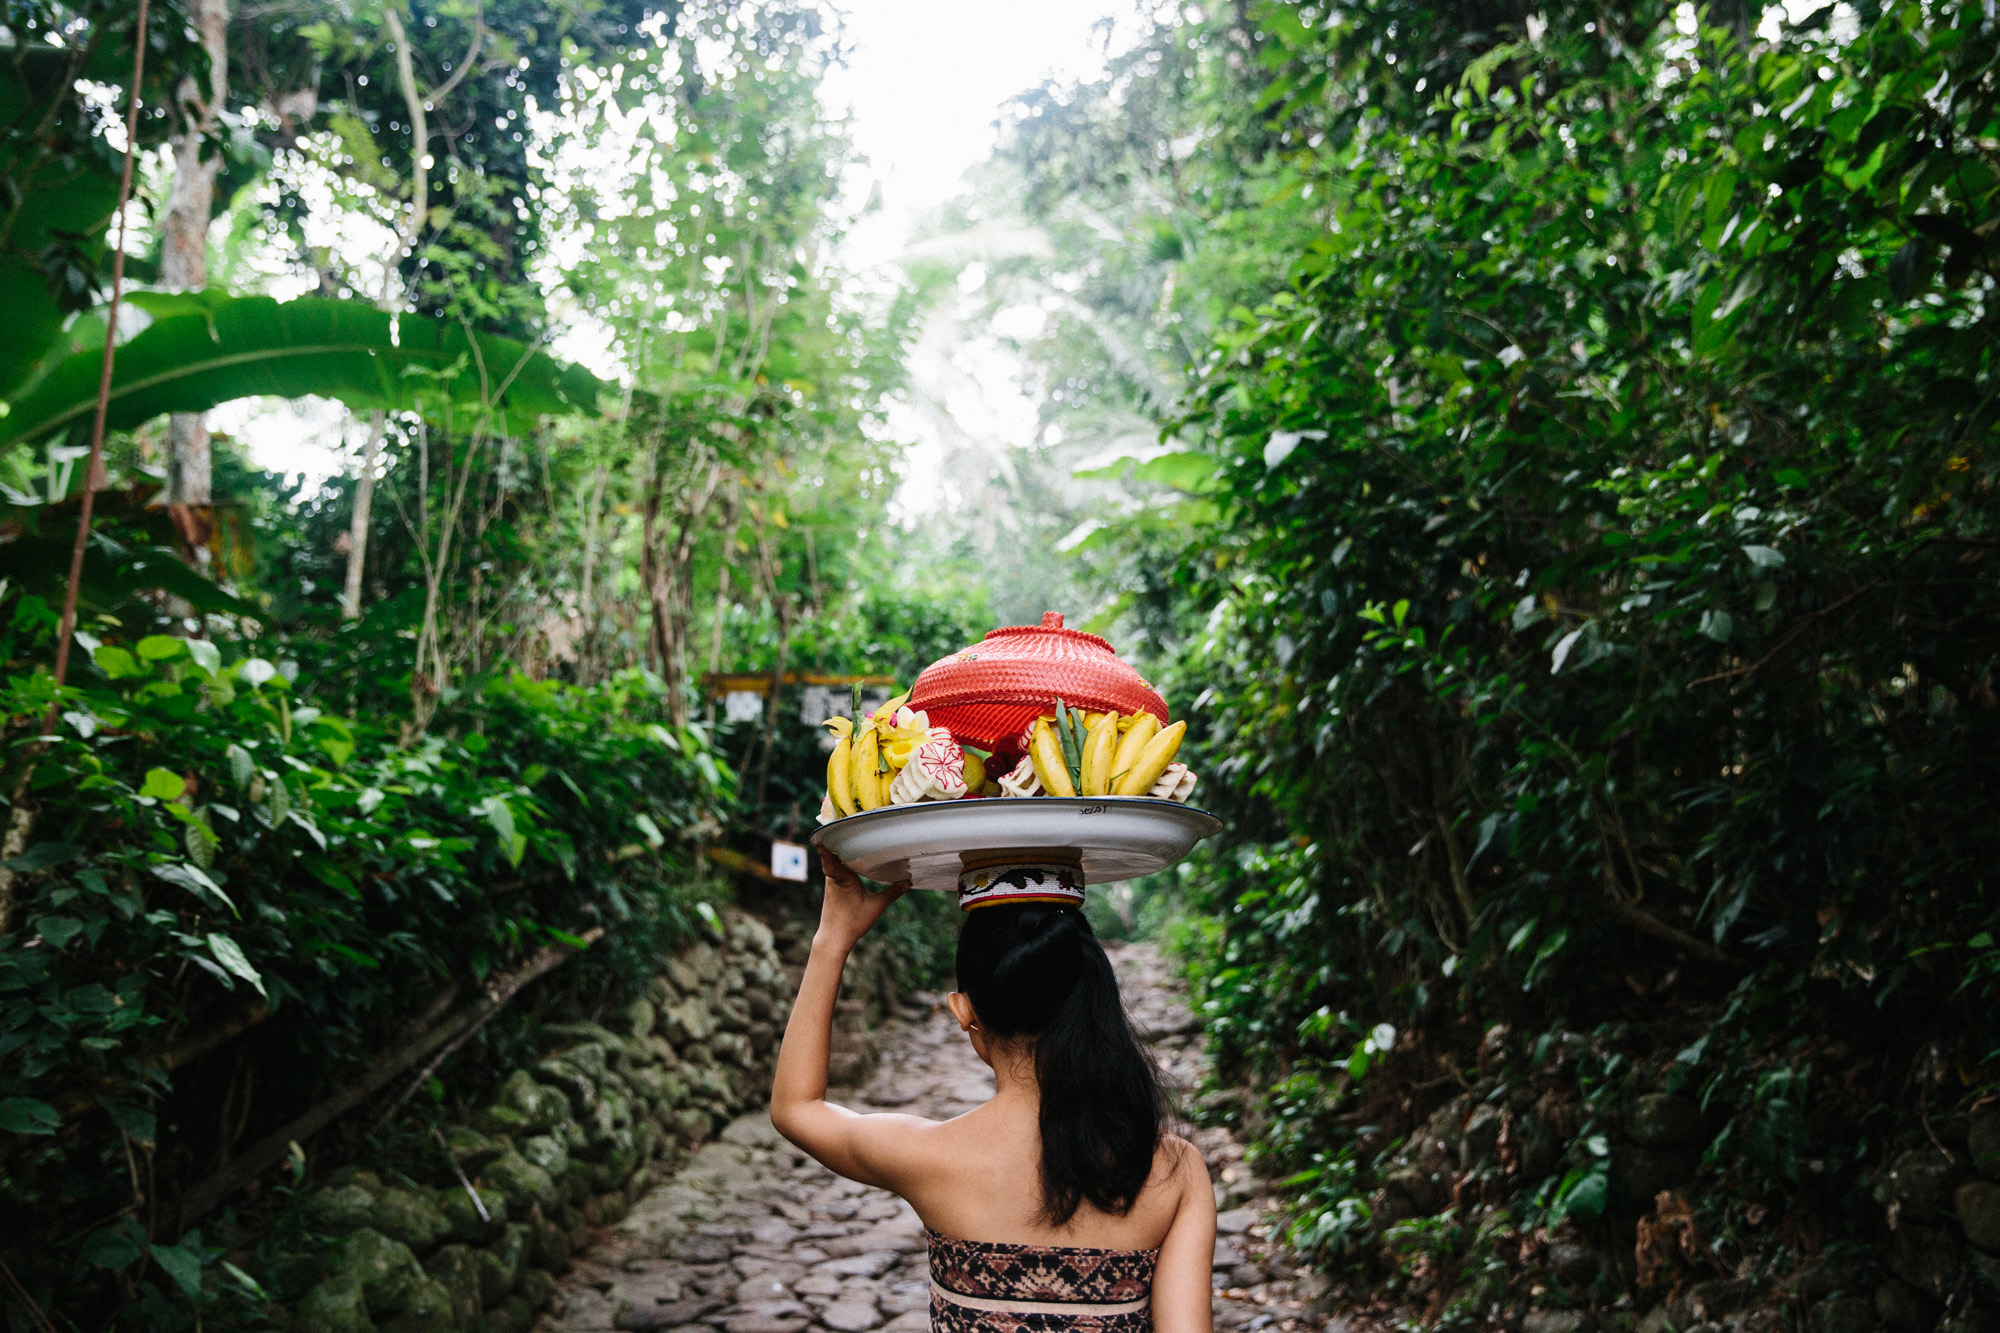 AGP_Bali_026.jpg